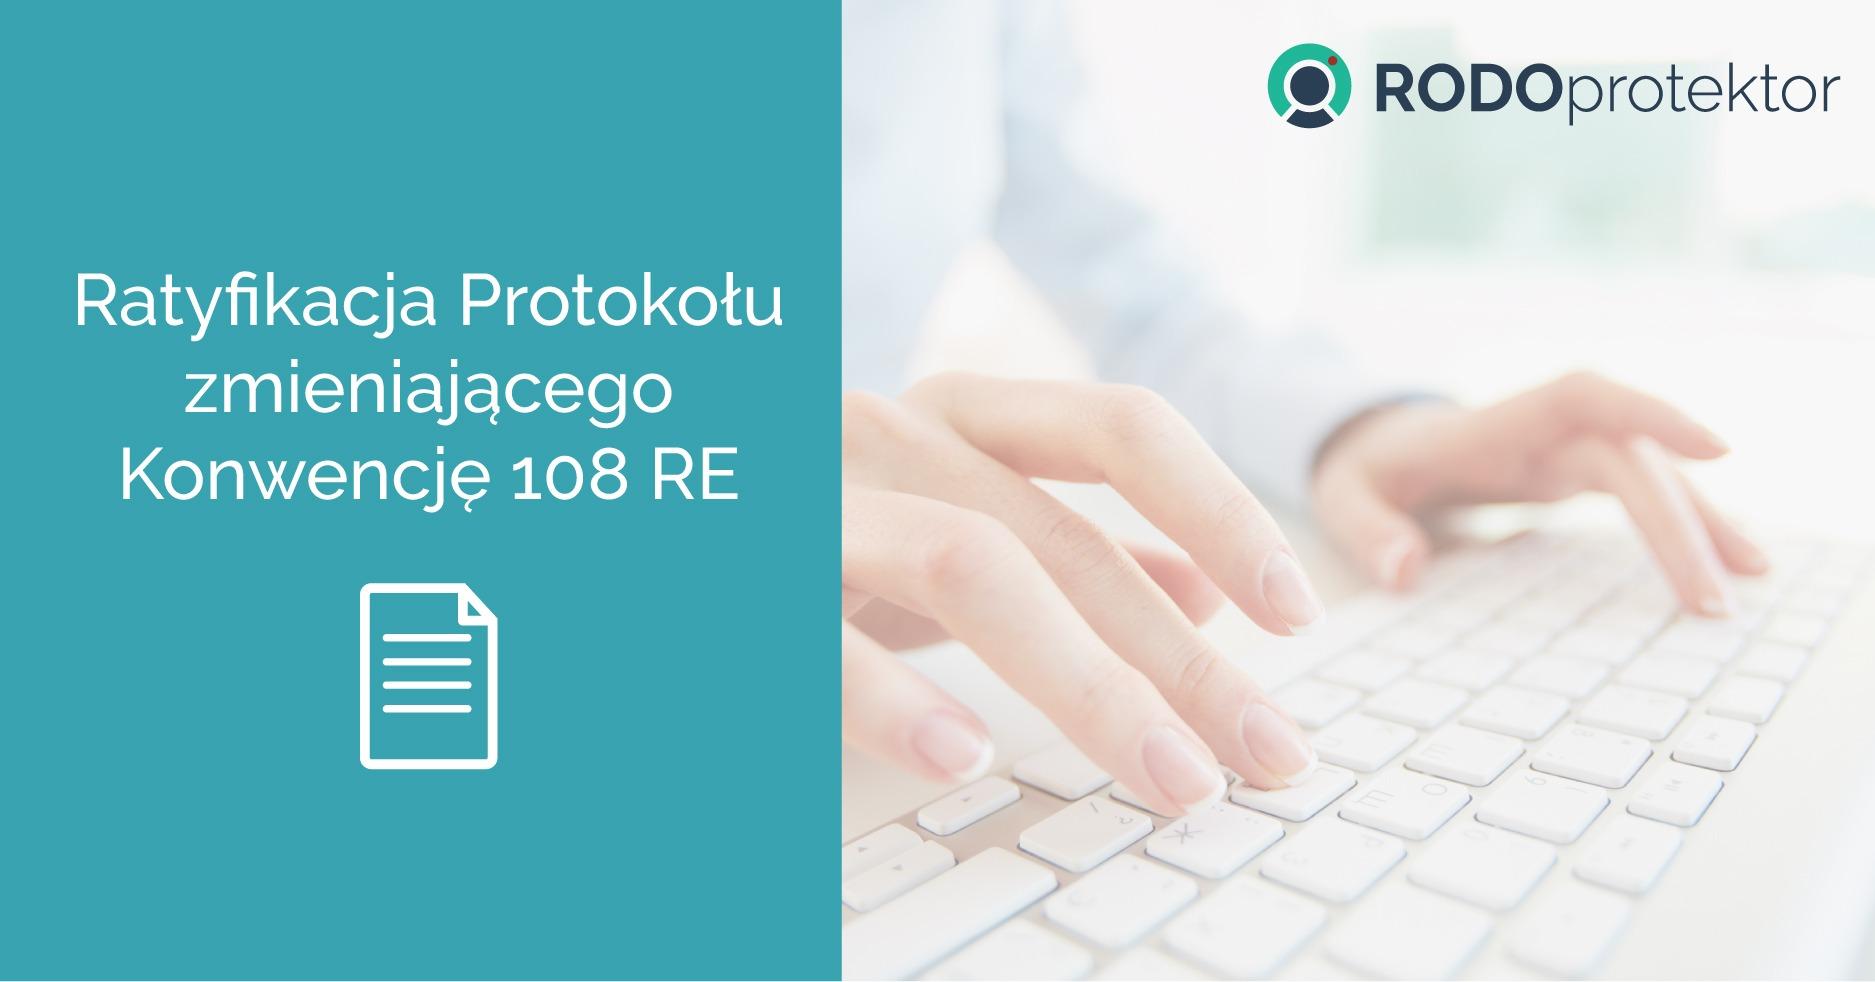 BTC Ratyfikacja Protokołu zmieniającego Konwencję 108 RE RODOprotektor